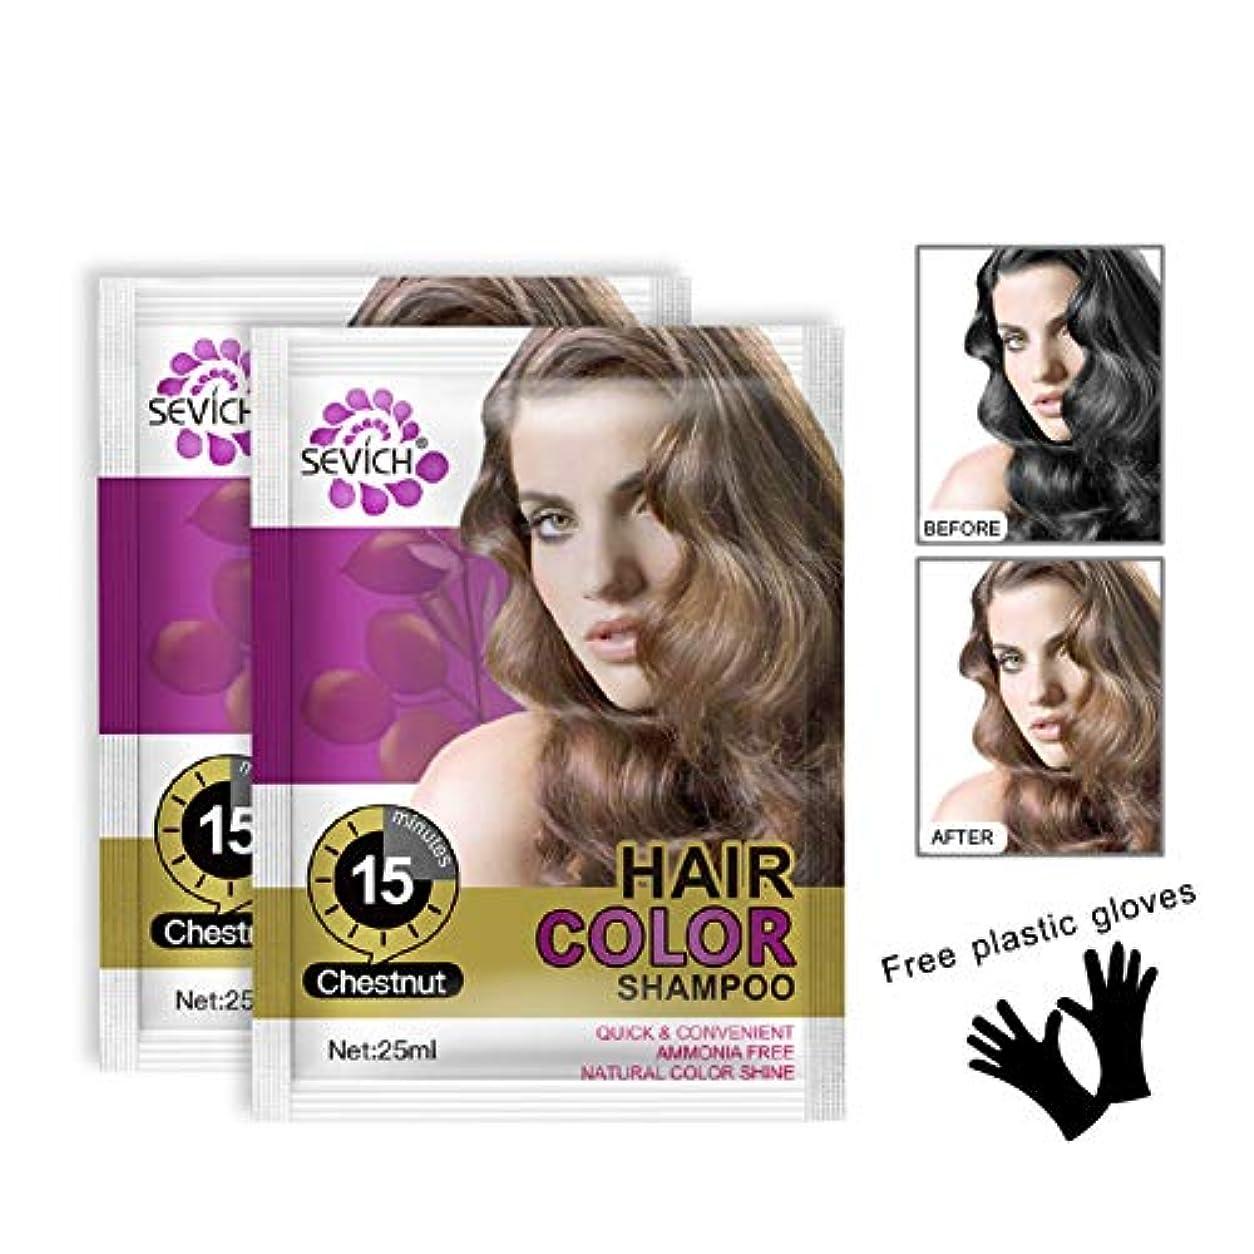 低いヒステリック吹雪ヘアカラー ヘア染め ヘアカラースタイリング 髪の色のシャンプ ヘアシャンプー 純粋な植物 自然 刺激ない ヘアケア 10枚セット Cutelove